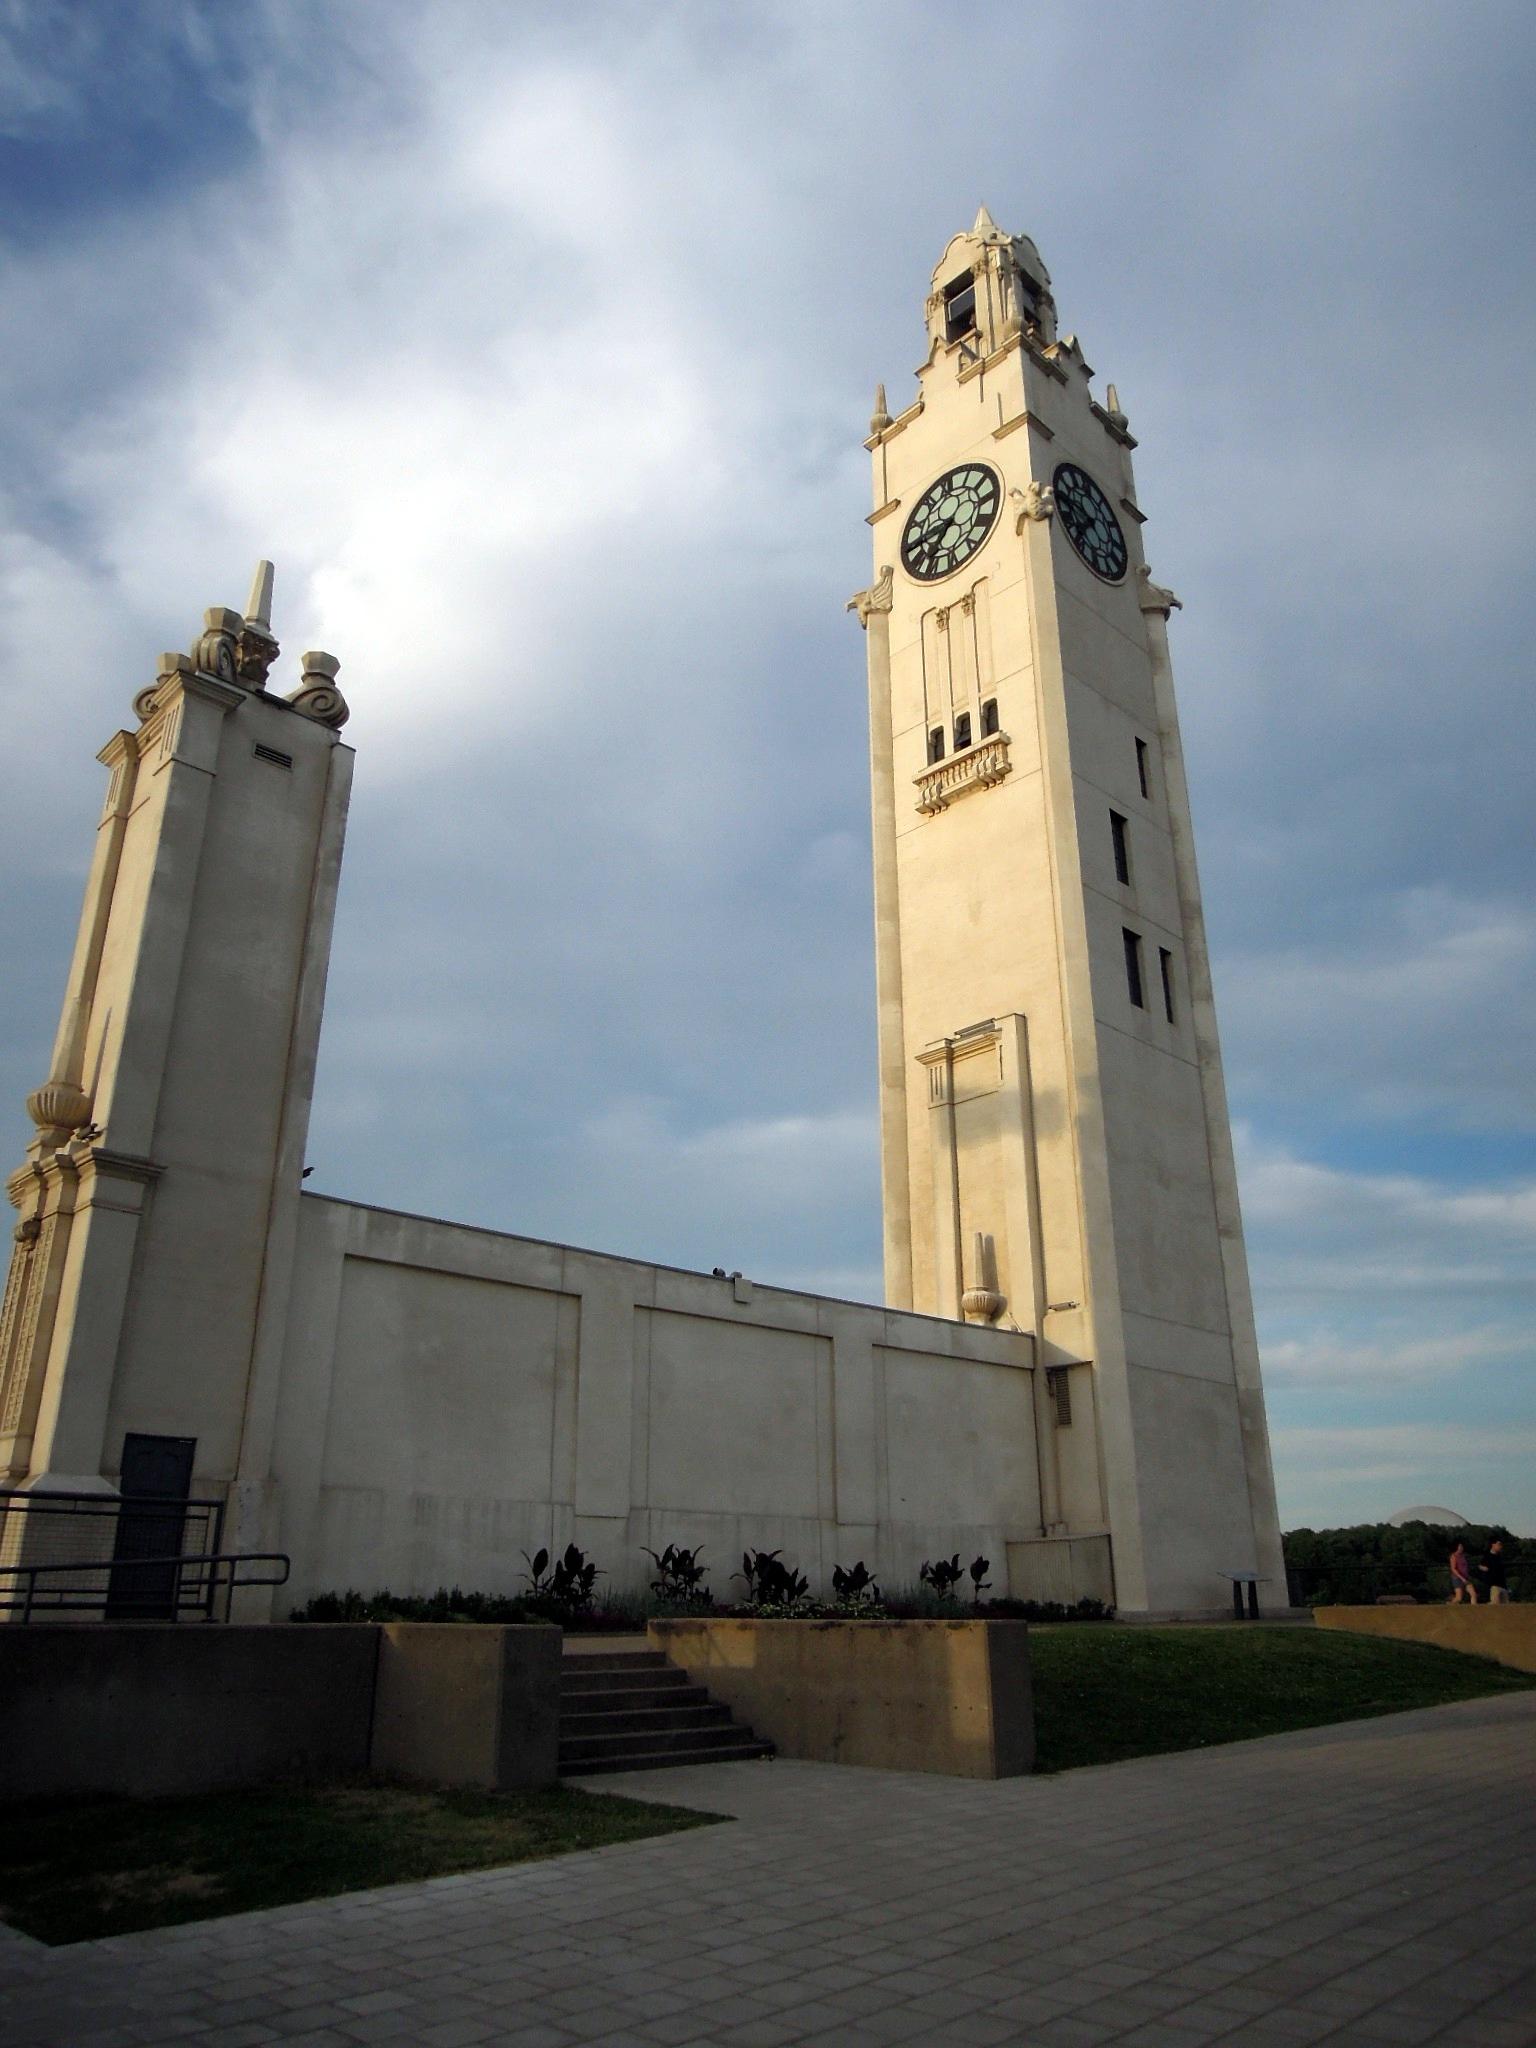 Montr al part deux - Appartement de standing horloge tower ...